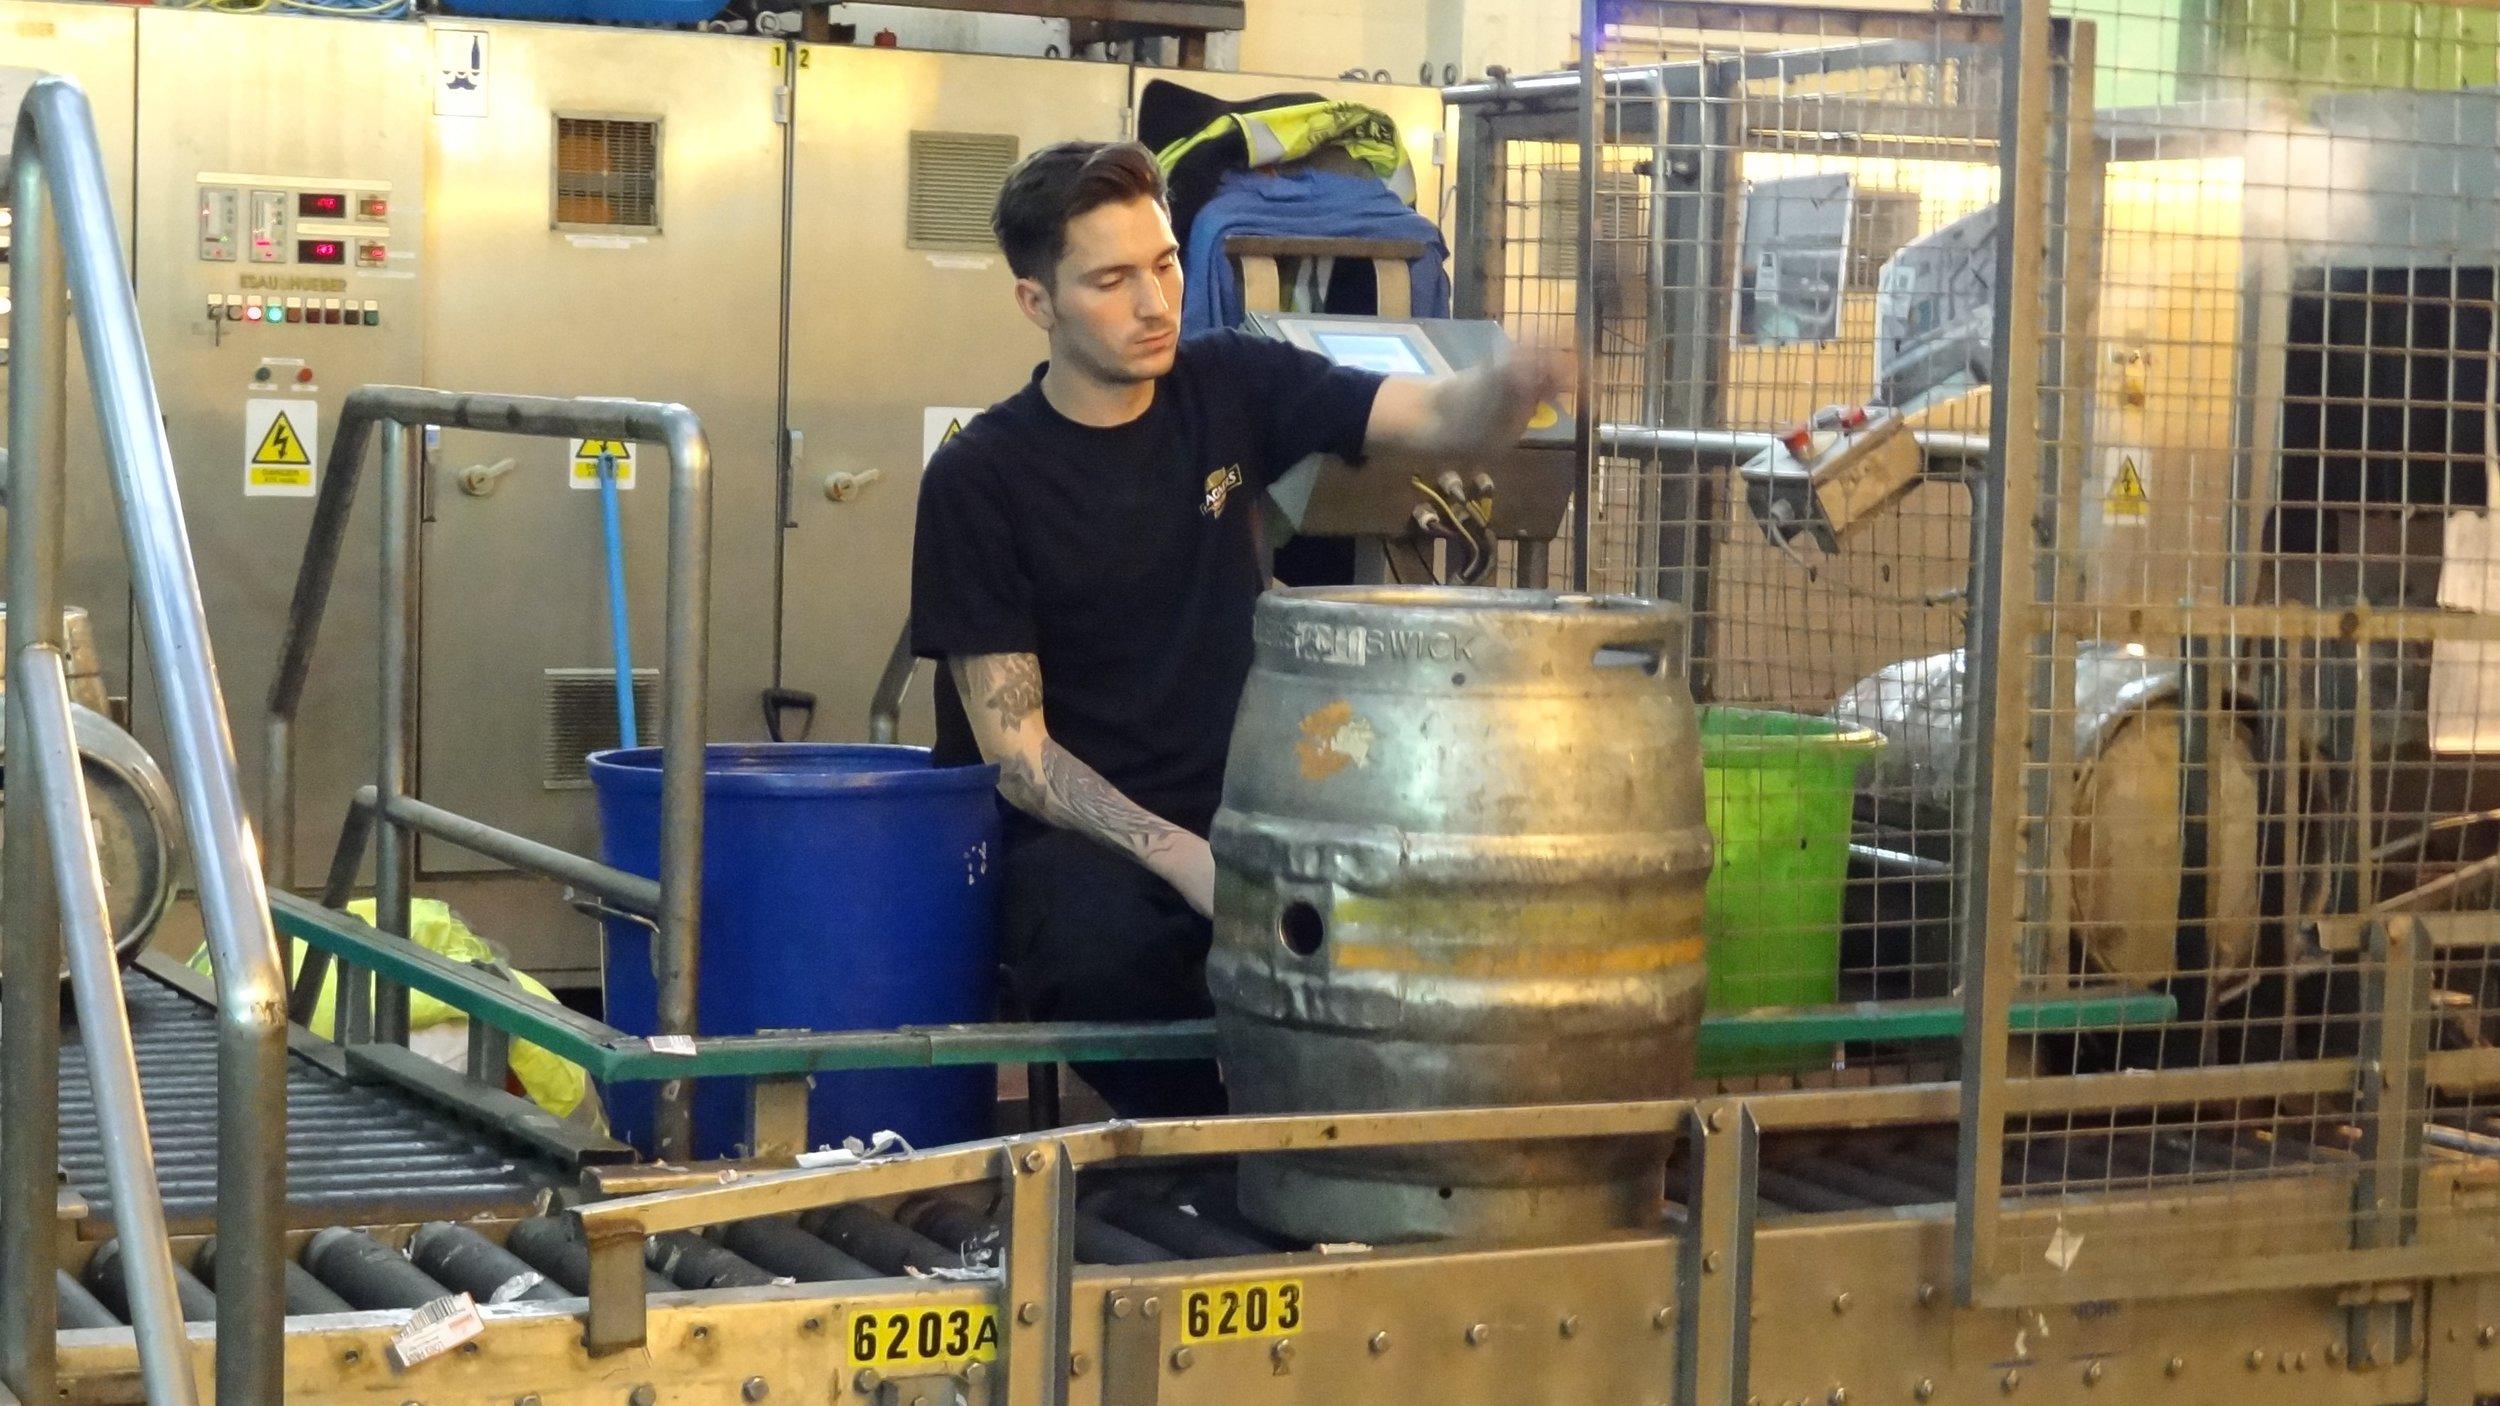 Filling casks at Fuller's